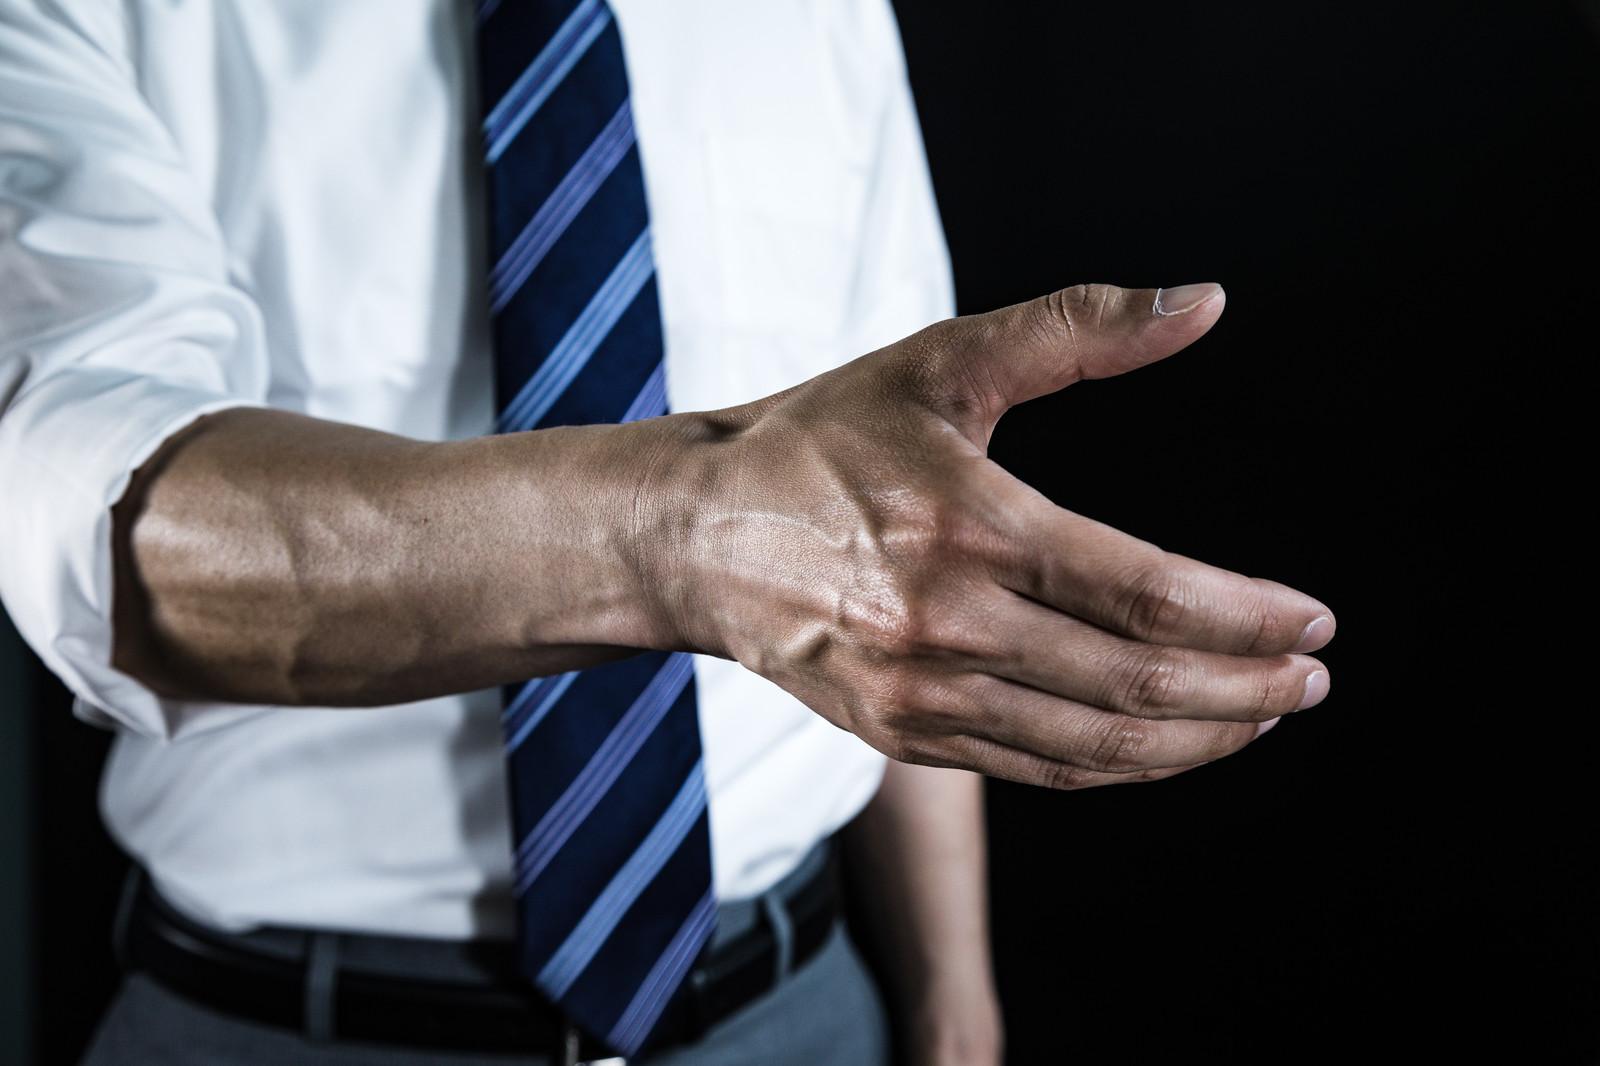 腕まくりをしているサラリーマン